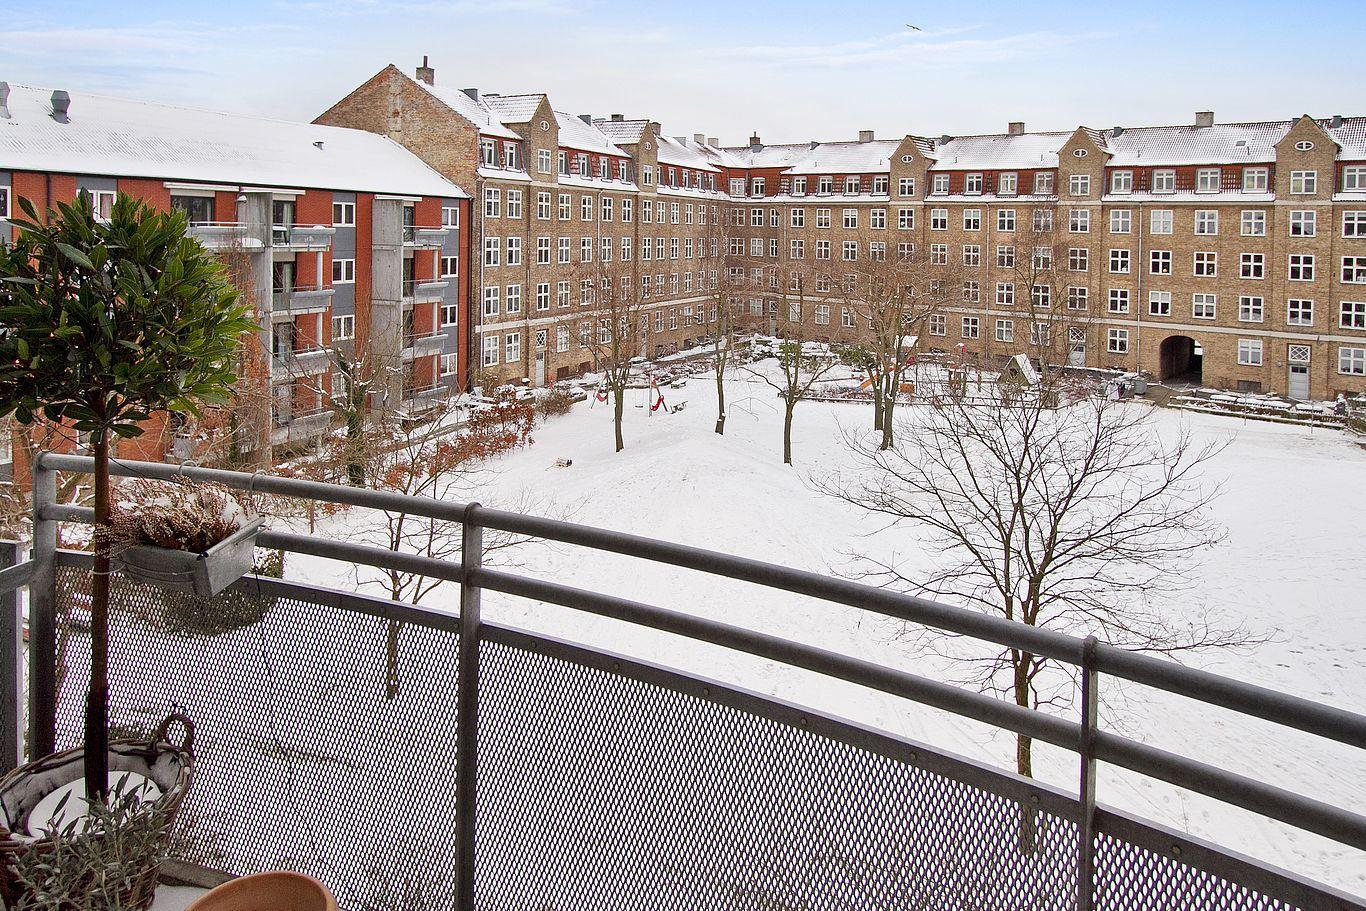 Nygårdsvej 49B, 3. th, 2100 København Ø